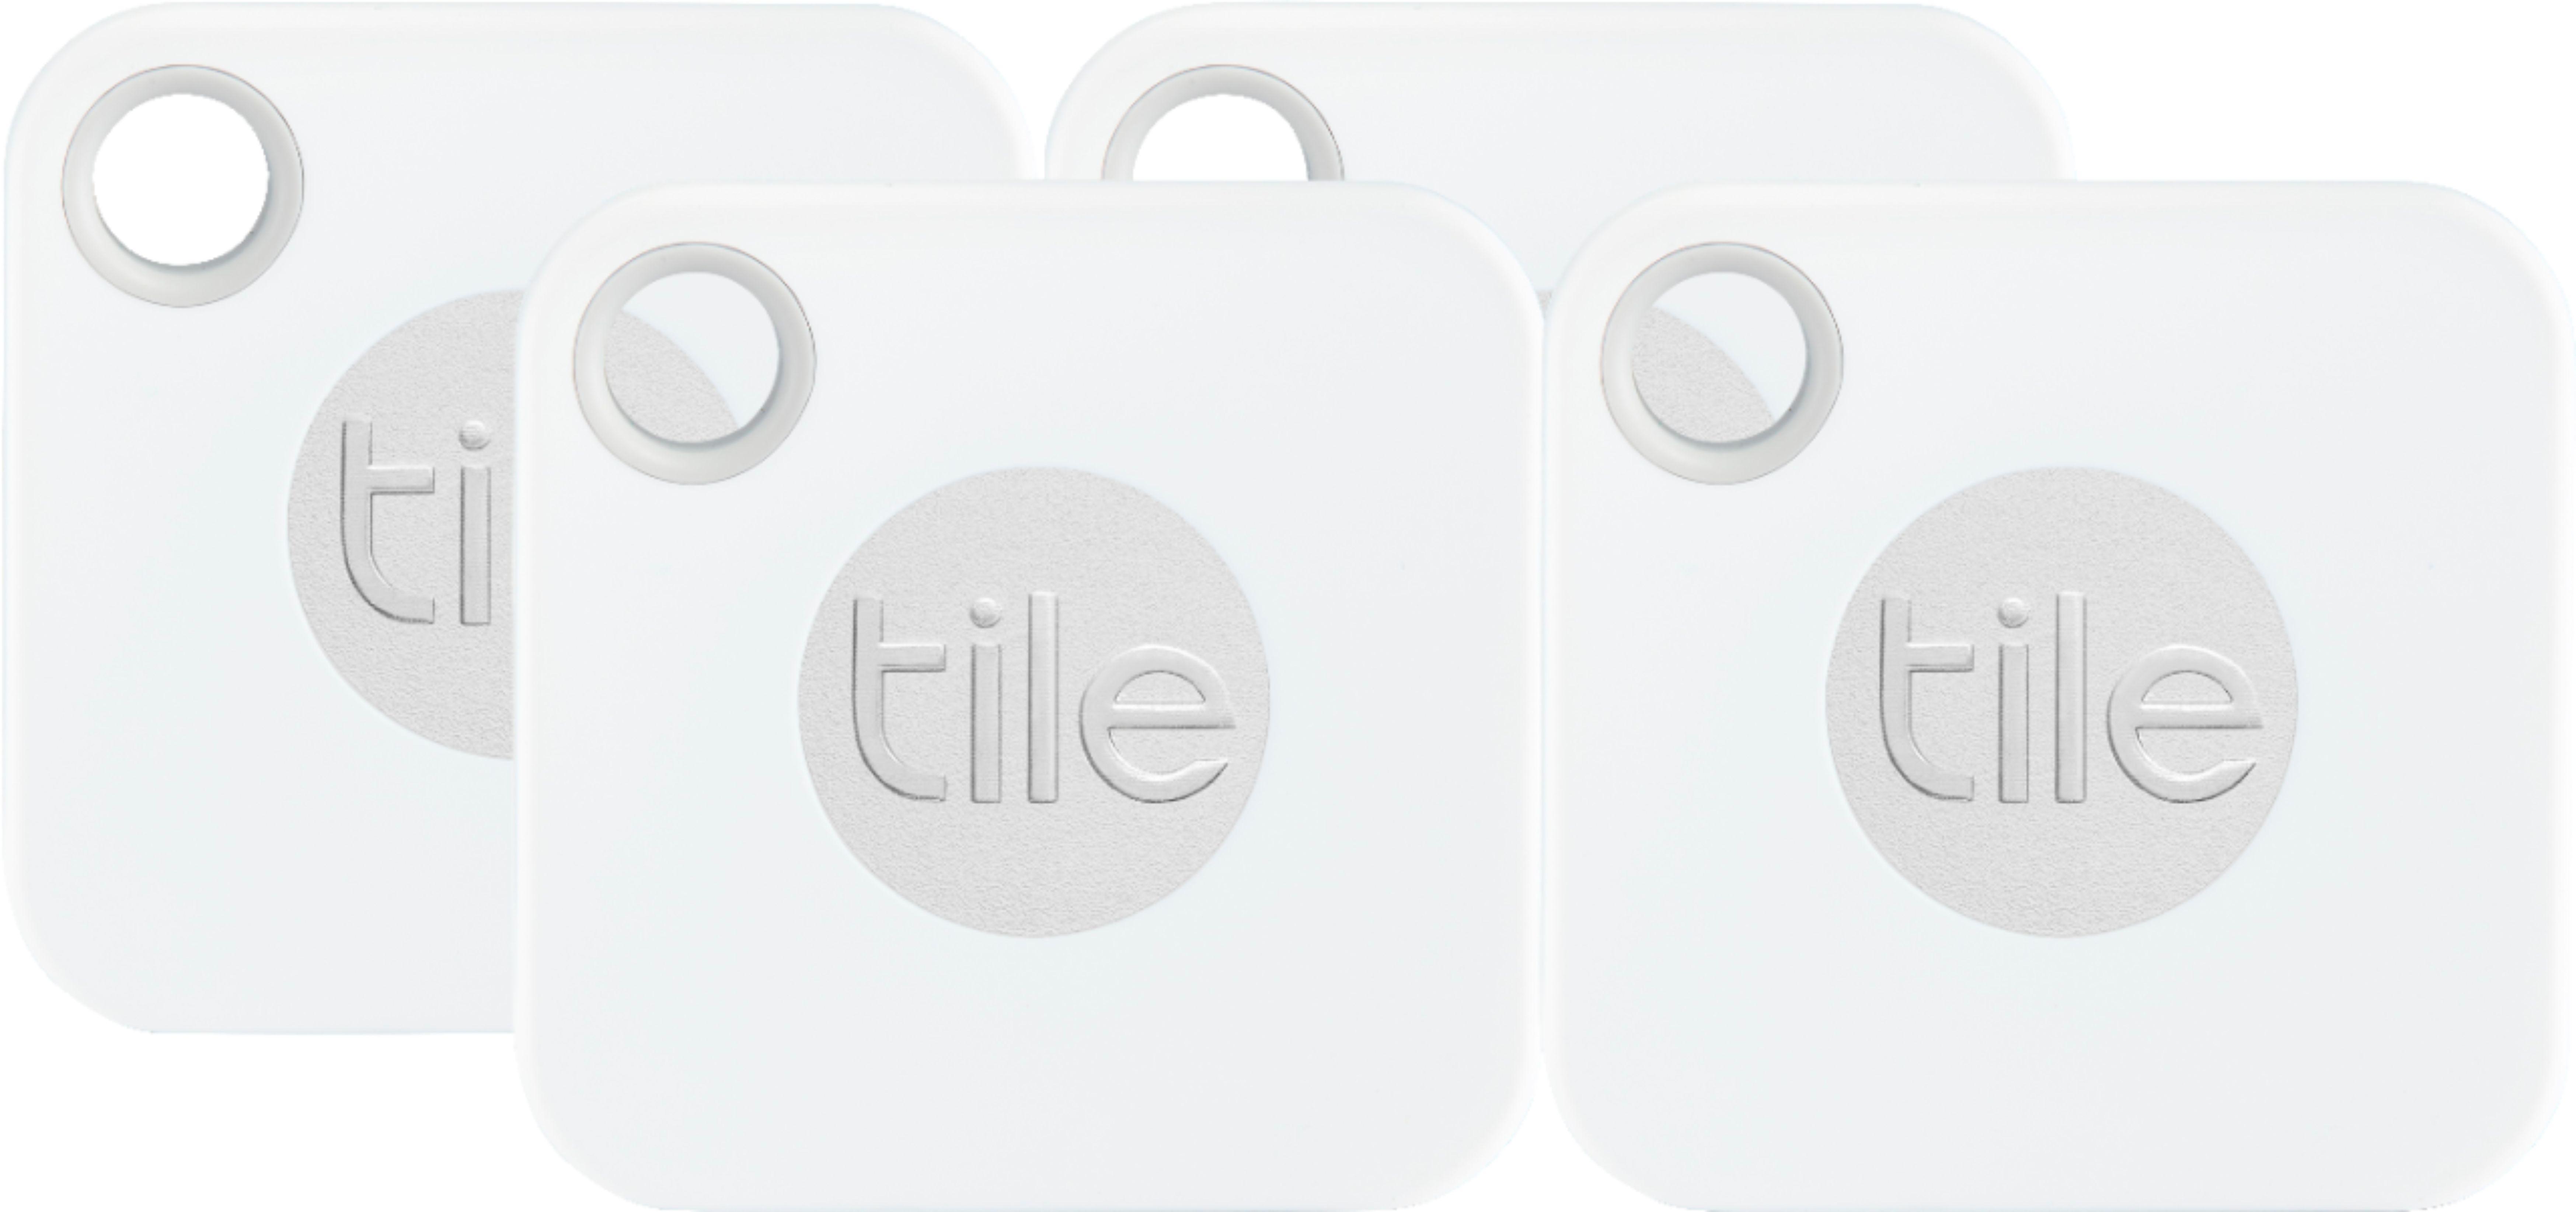 tile mate 2018 item tracker 4 pack white gray